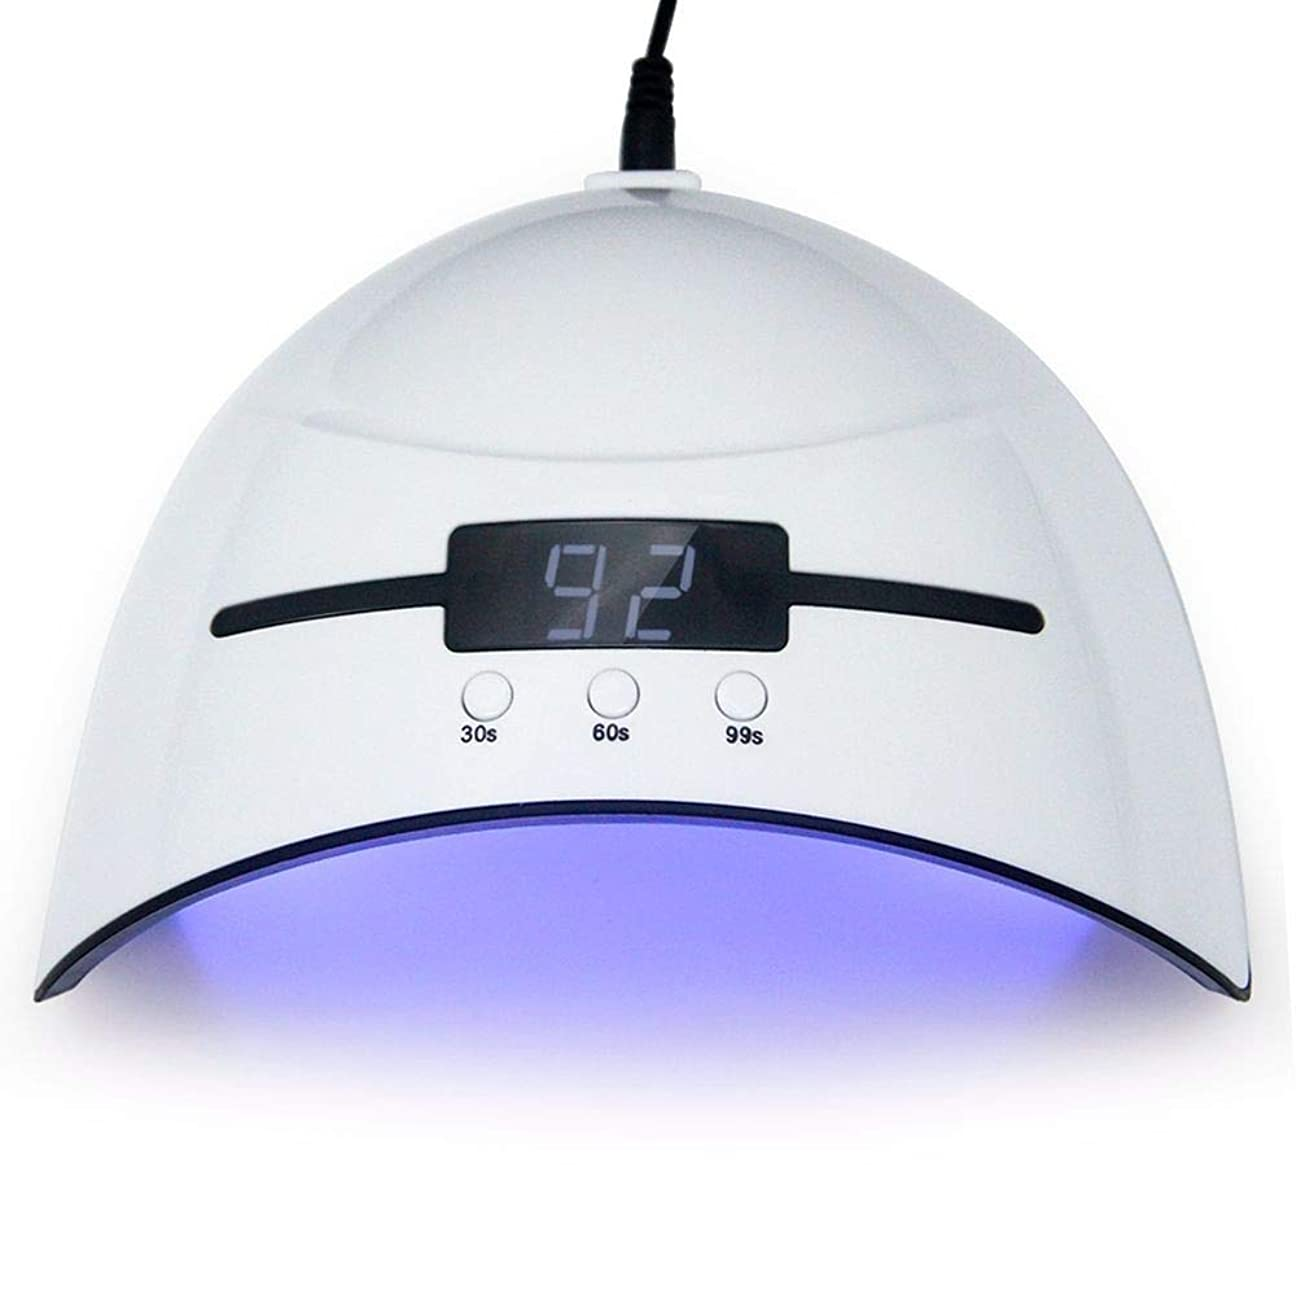 解釈的おとこ研究ネイルドライヤー36WネイルドライヤーLED UVランプマイクロUSBネイルランプ用硬化LEDジェルビルダー3タイミングモード自動センサー付きネイルドライヤー、写真の色